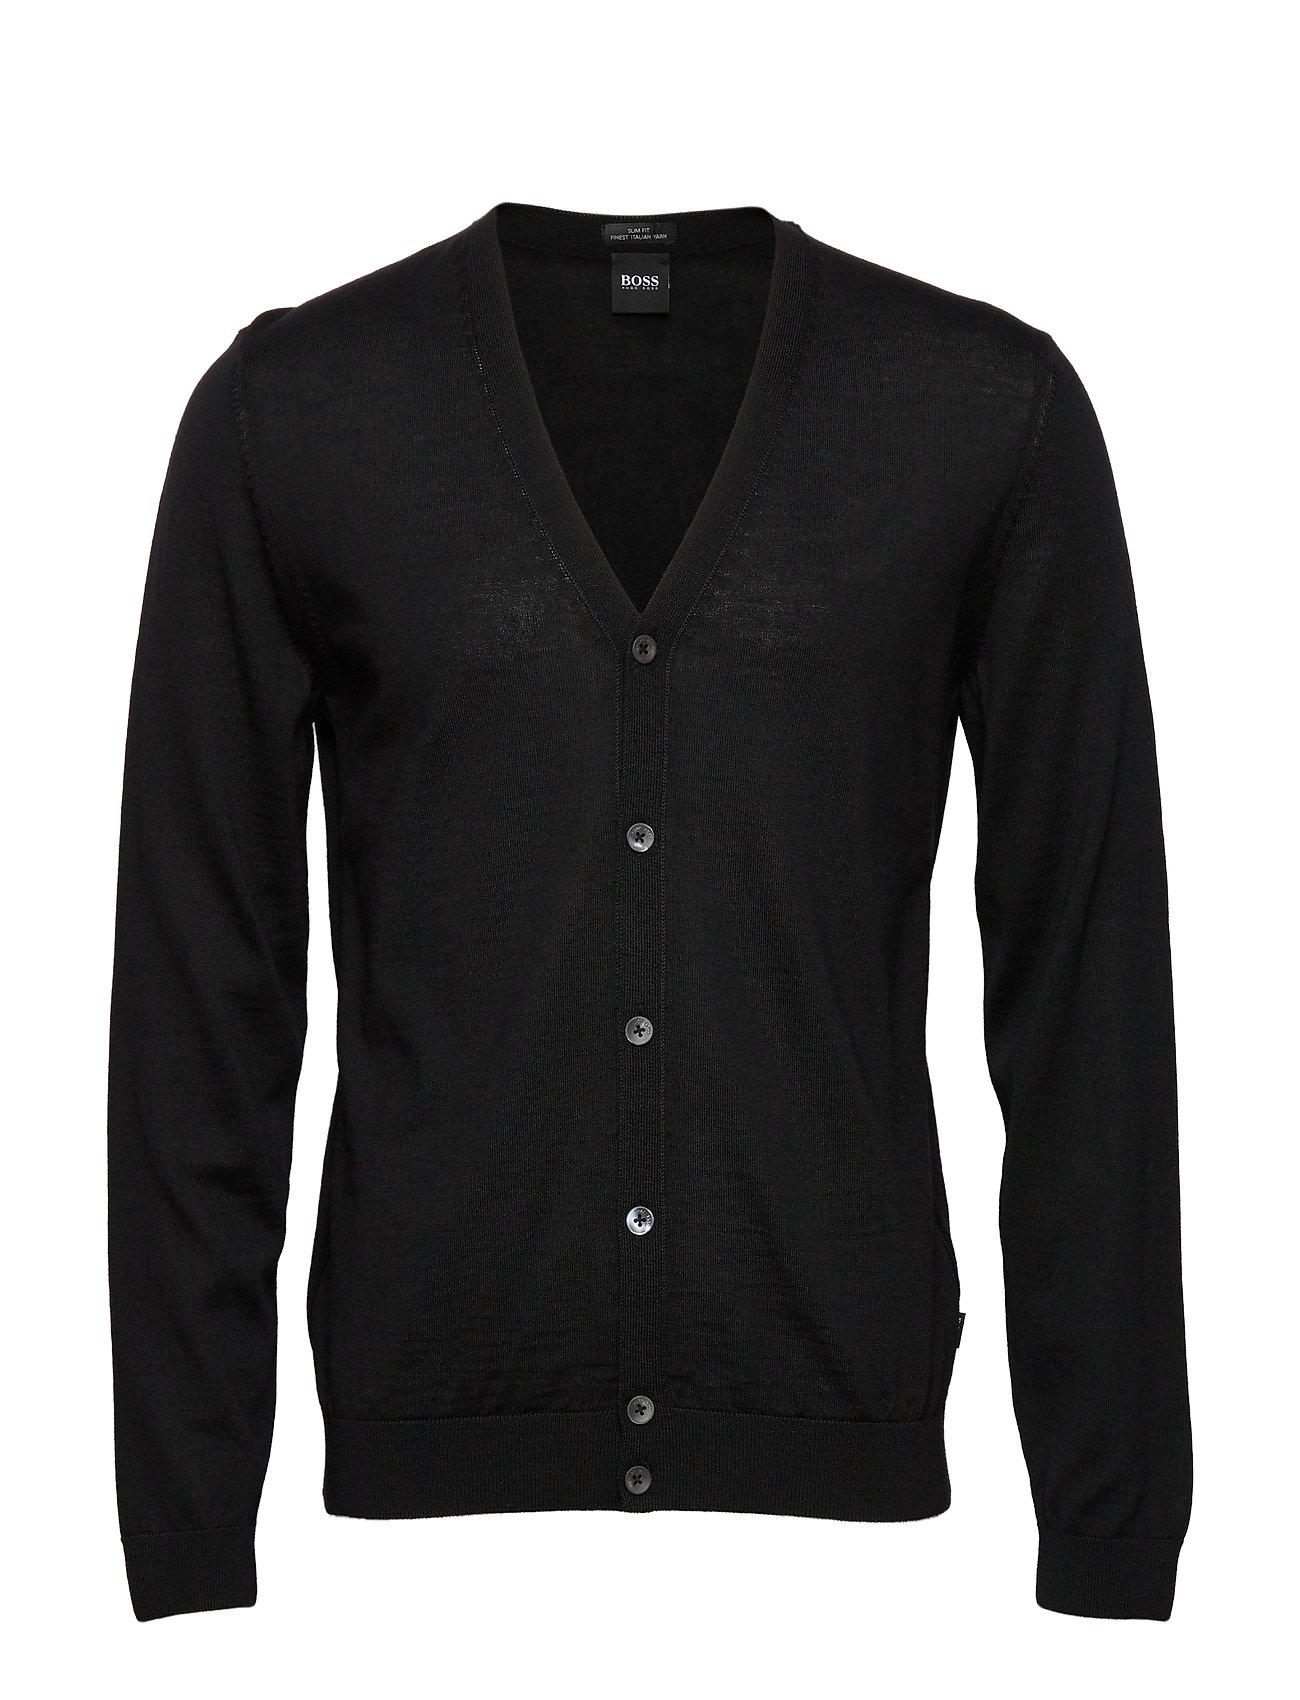 BOSS Business Wear Mardon-E - BLACK